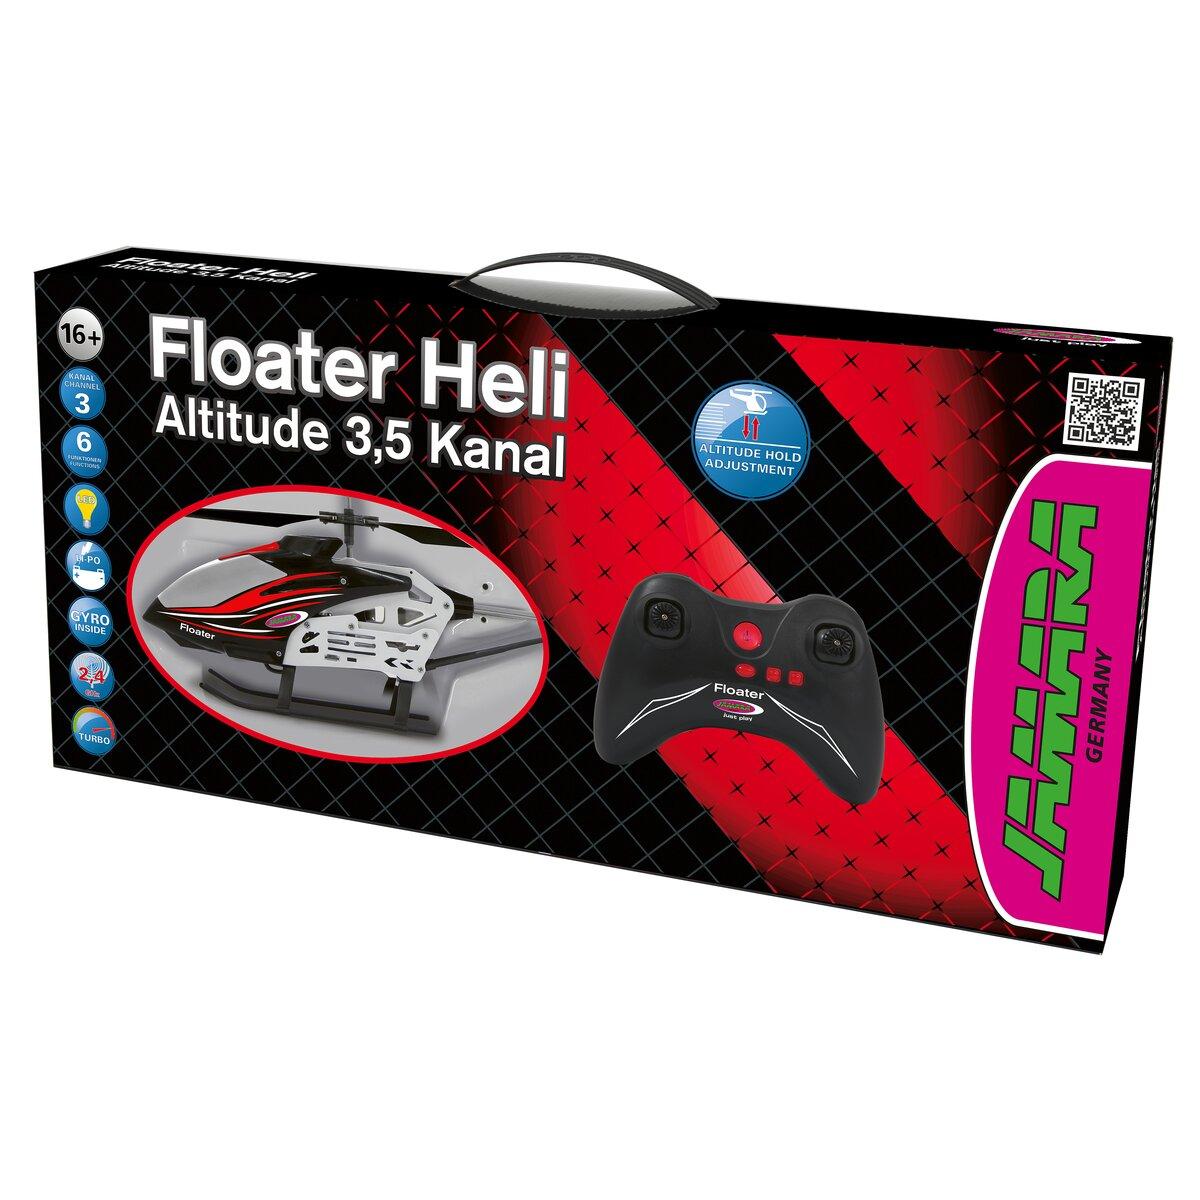 Floater Heli Altitude 2,4GHz 3,5 Kanal